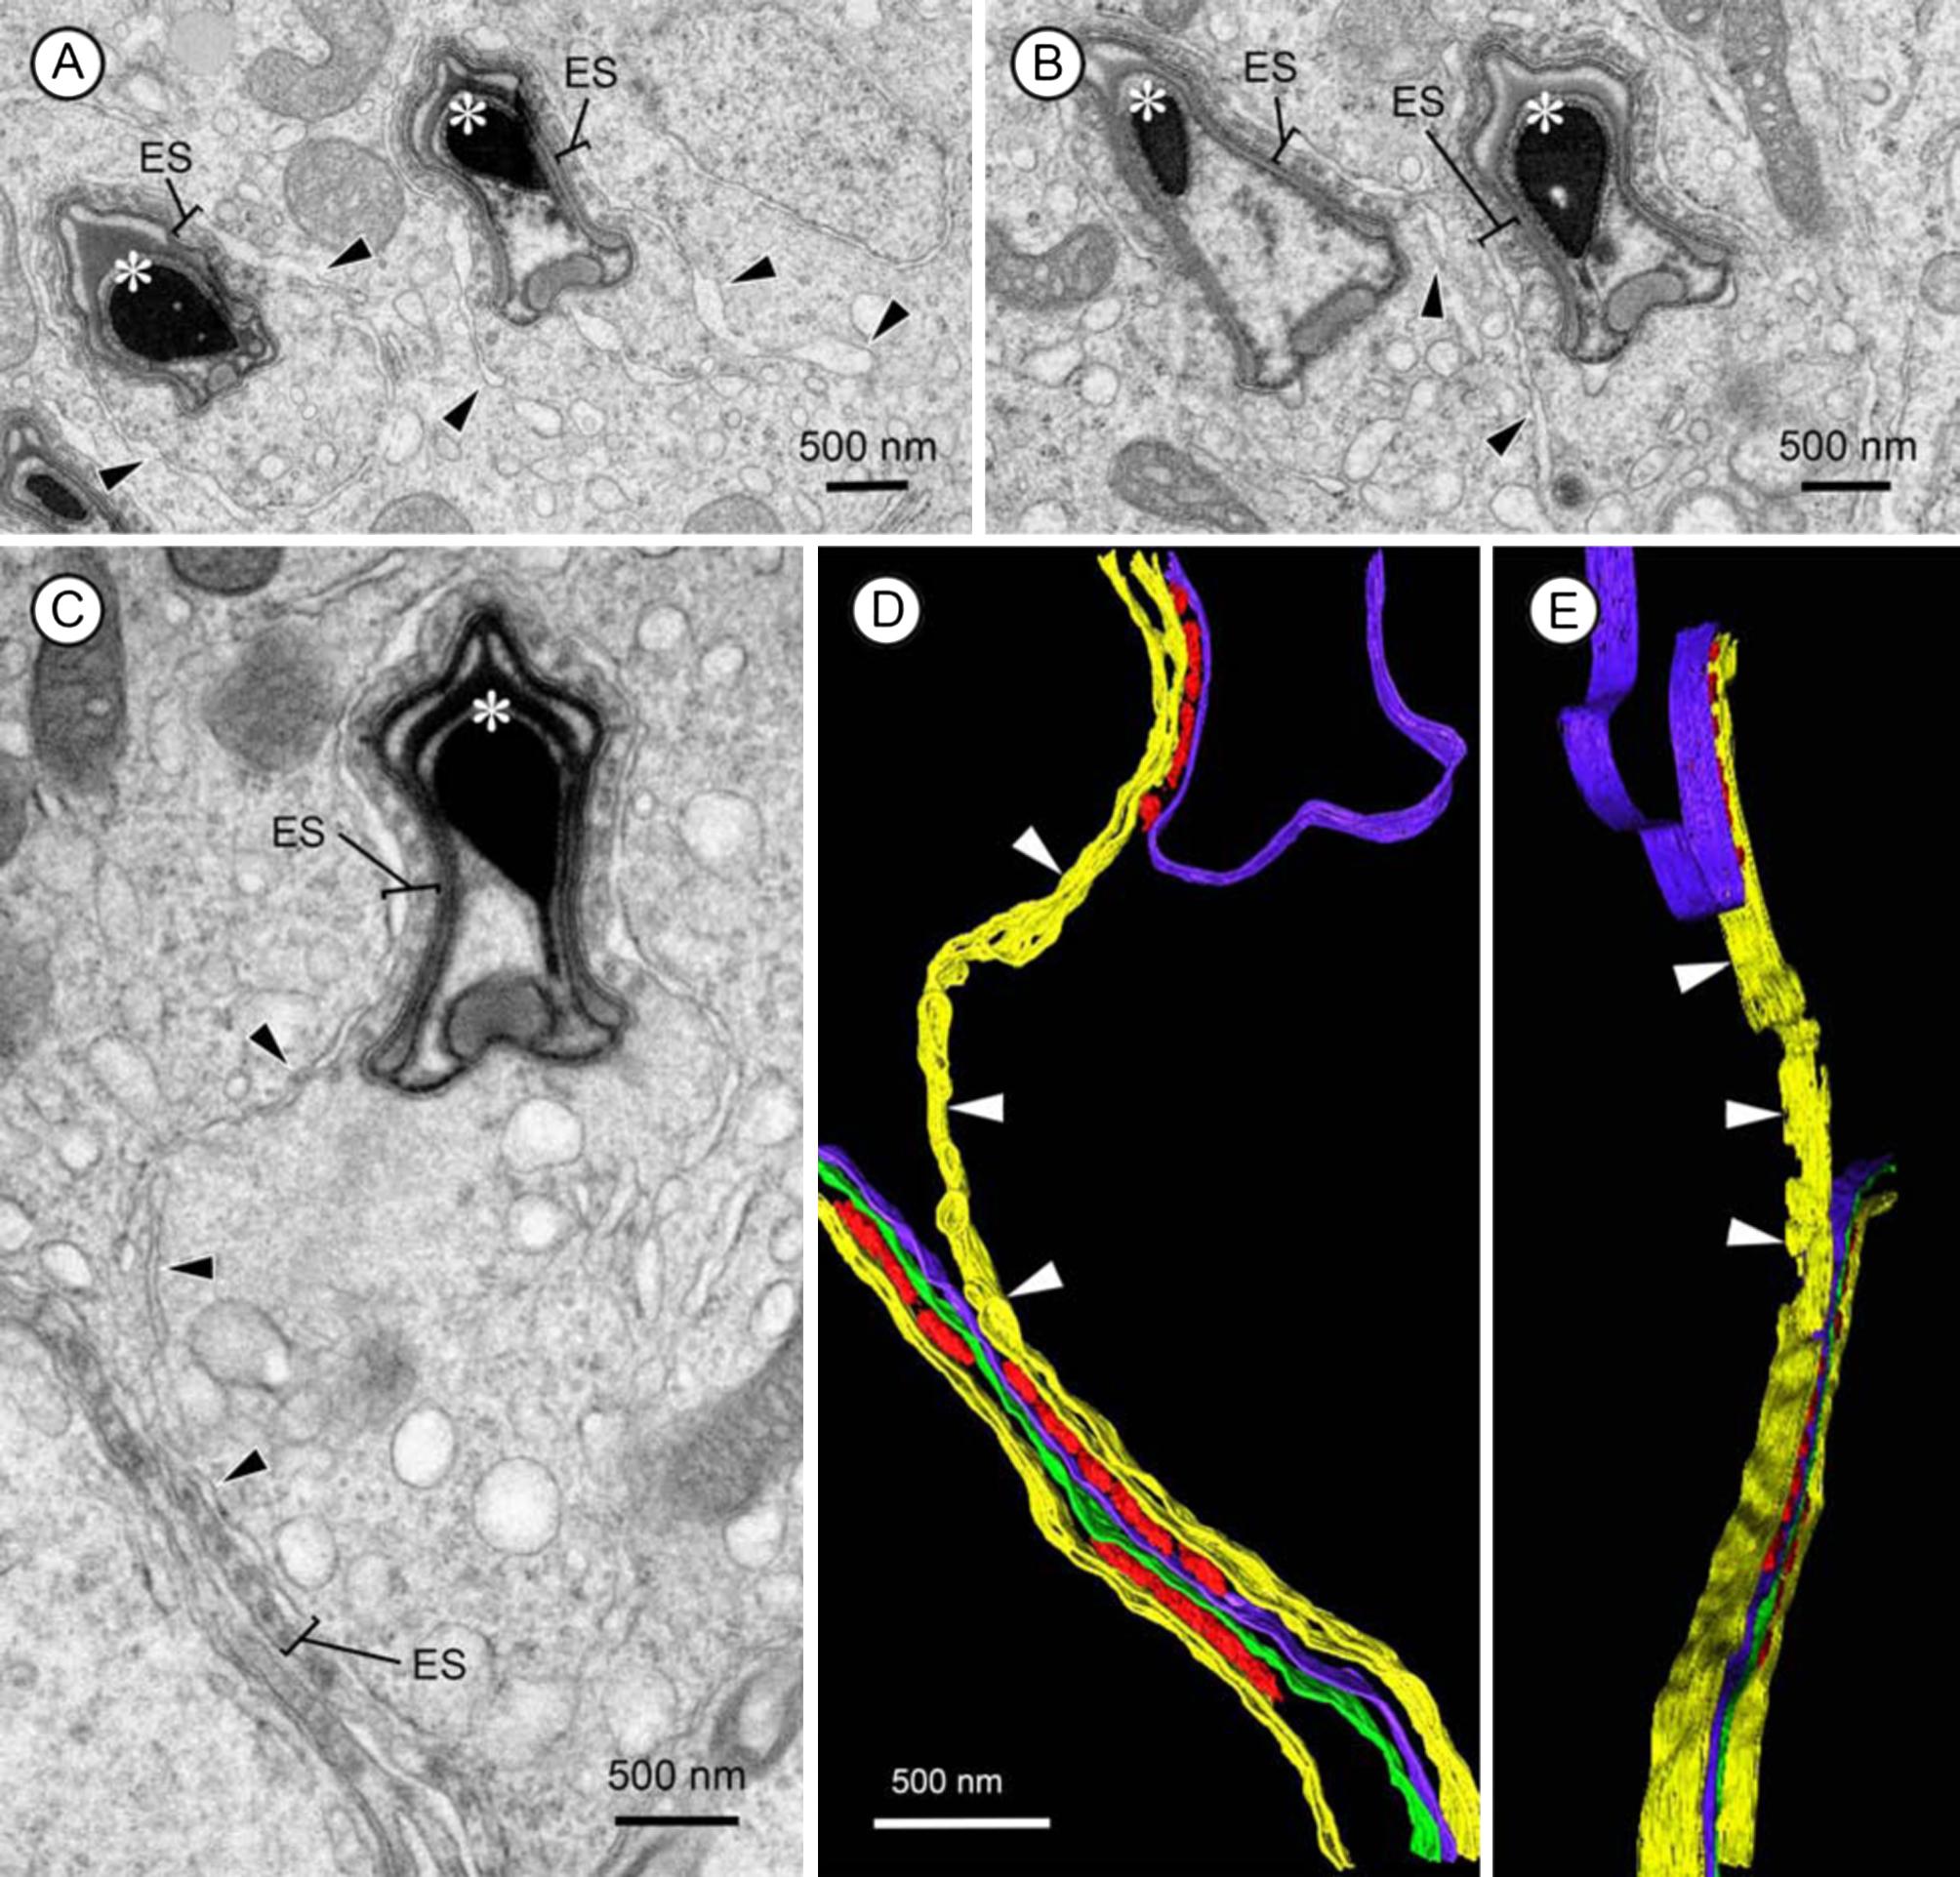 The endoplasmic reticulum, calcium signaling and junction